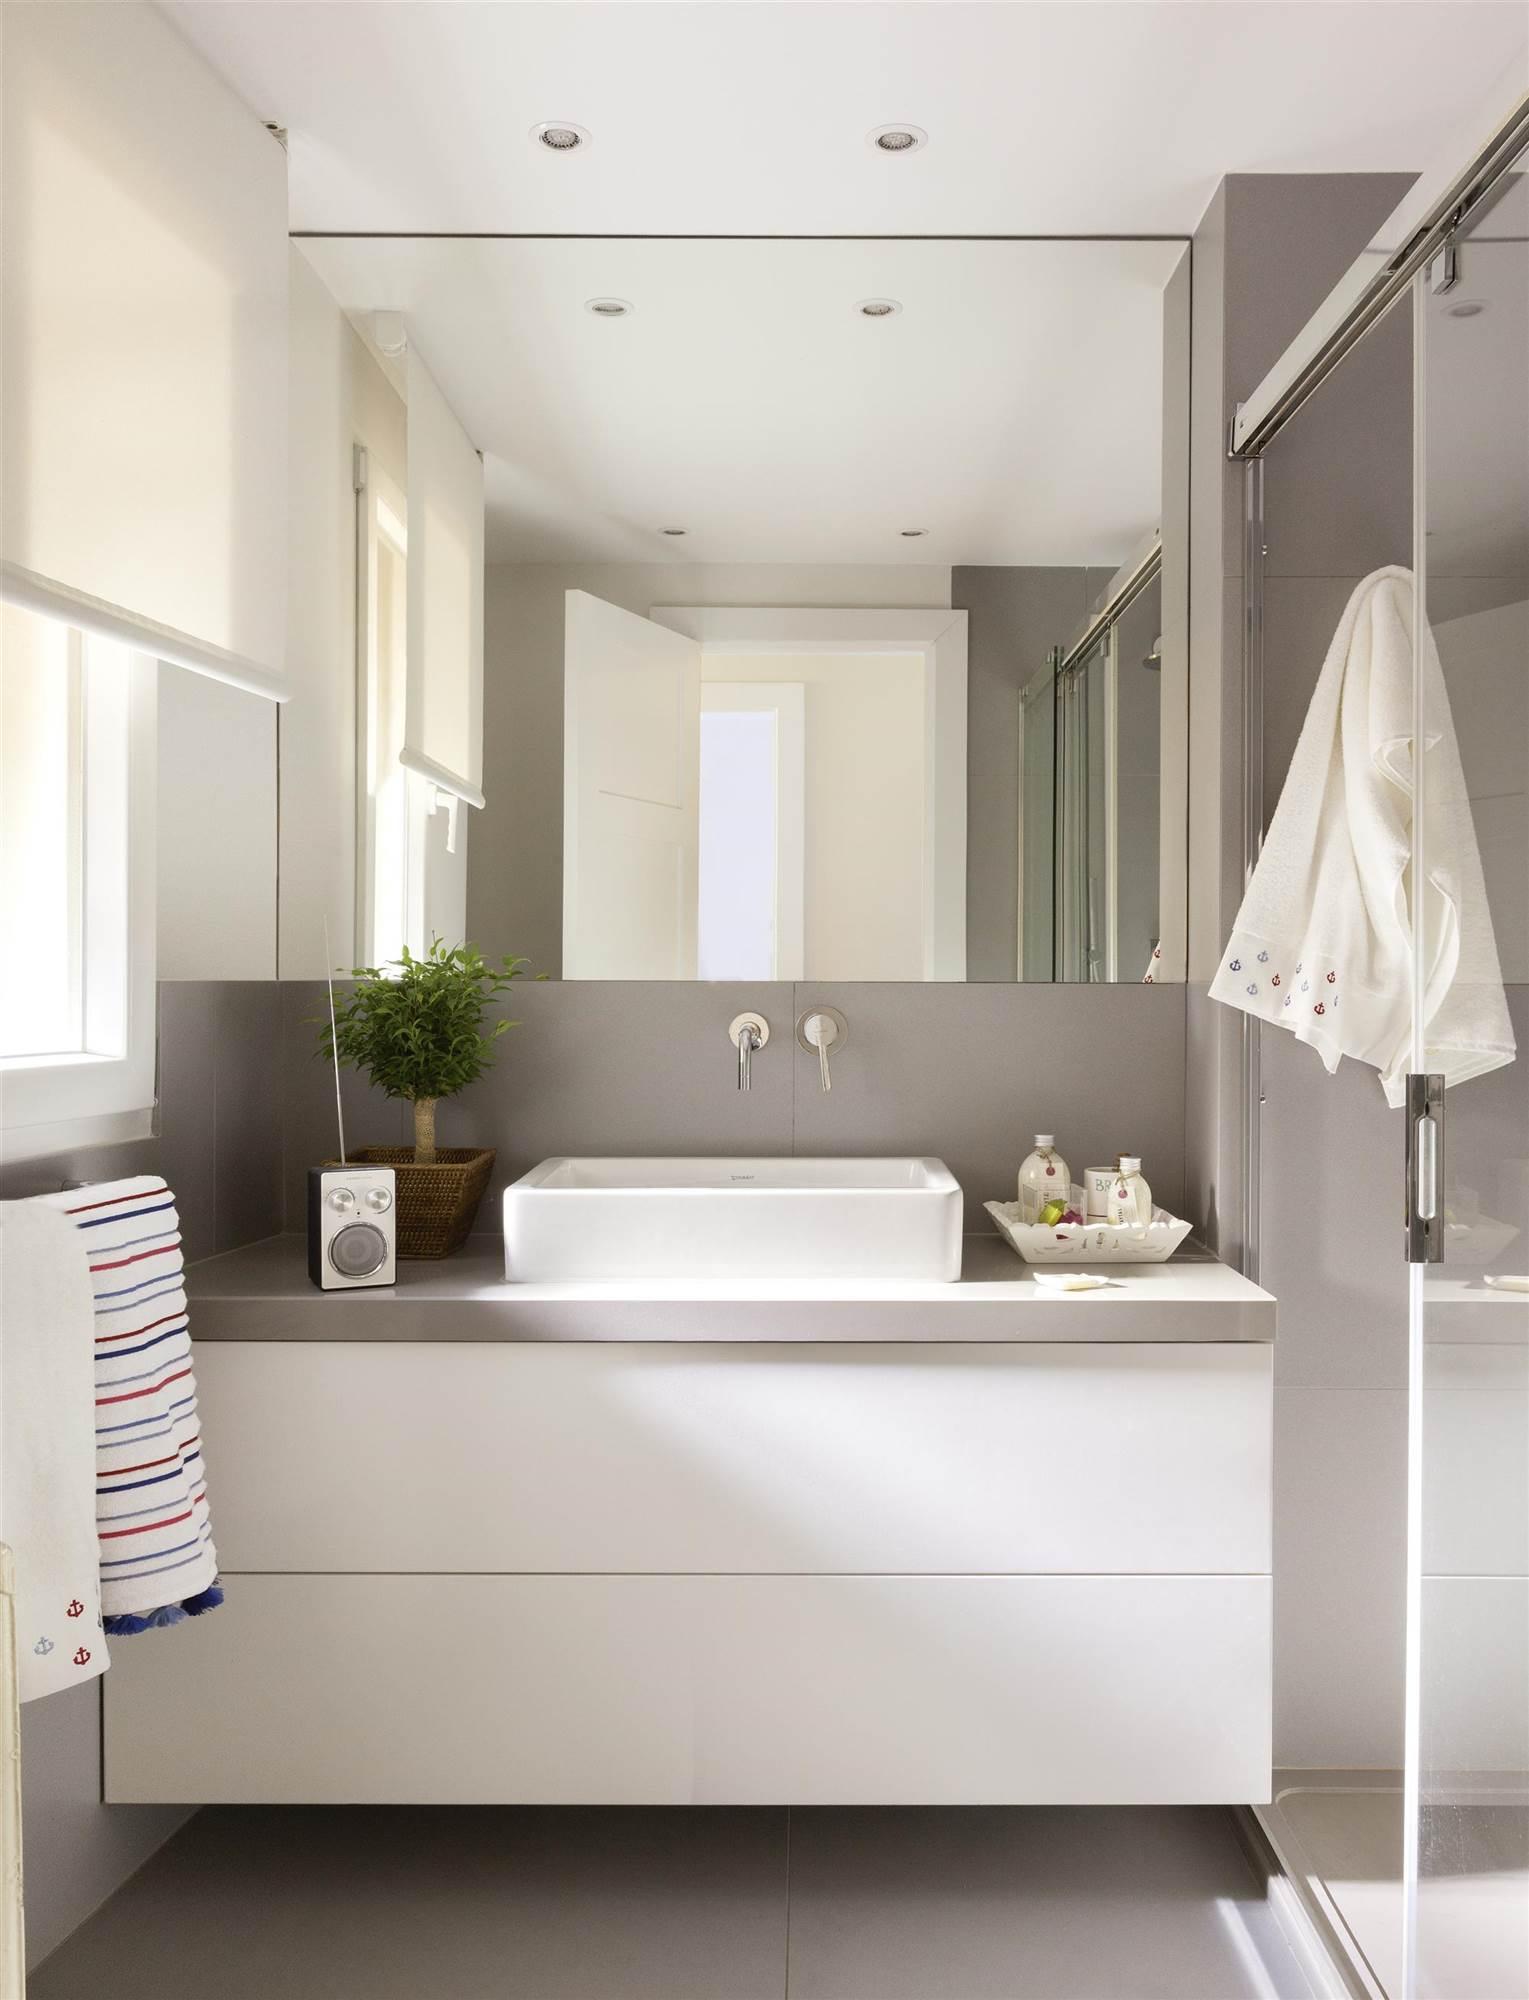 7 piezas imprescindibles para ba os peque os On baños con antebaño fotos